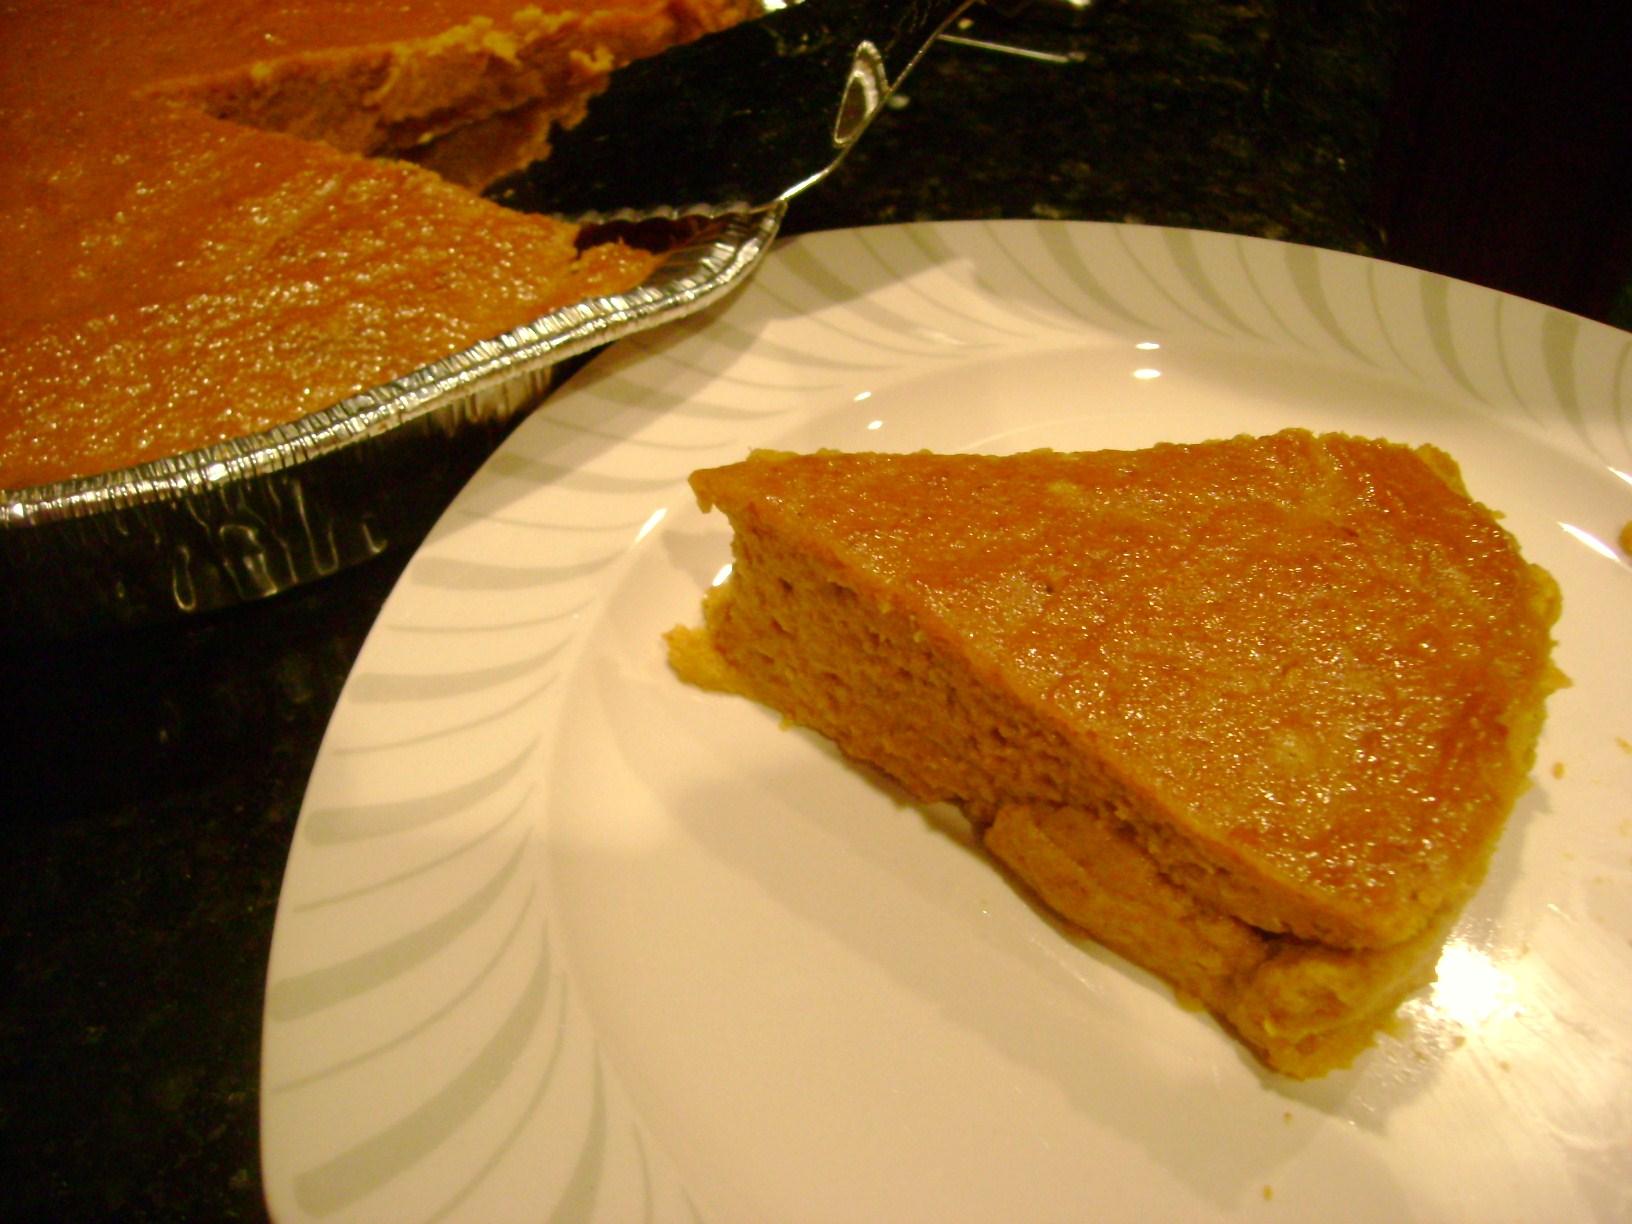 Recipe: Crustless Pumpkin Pie